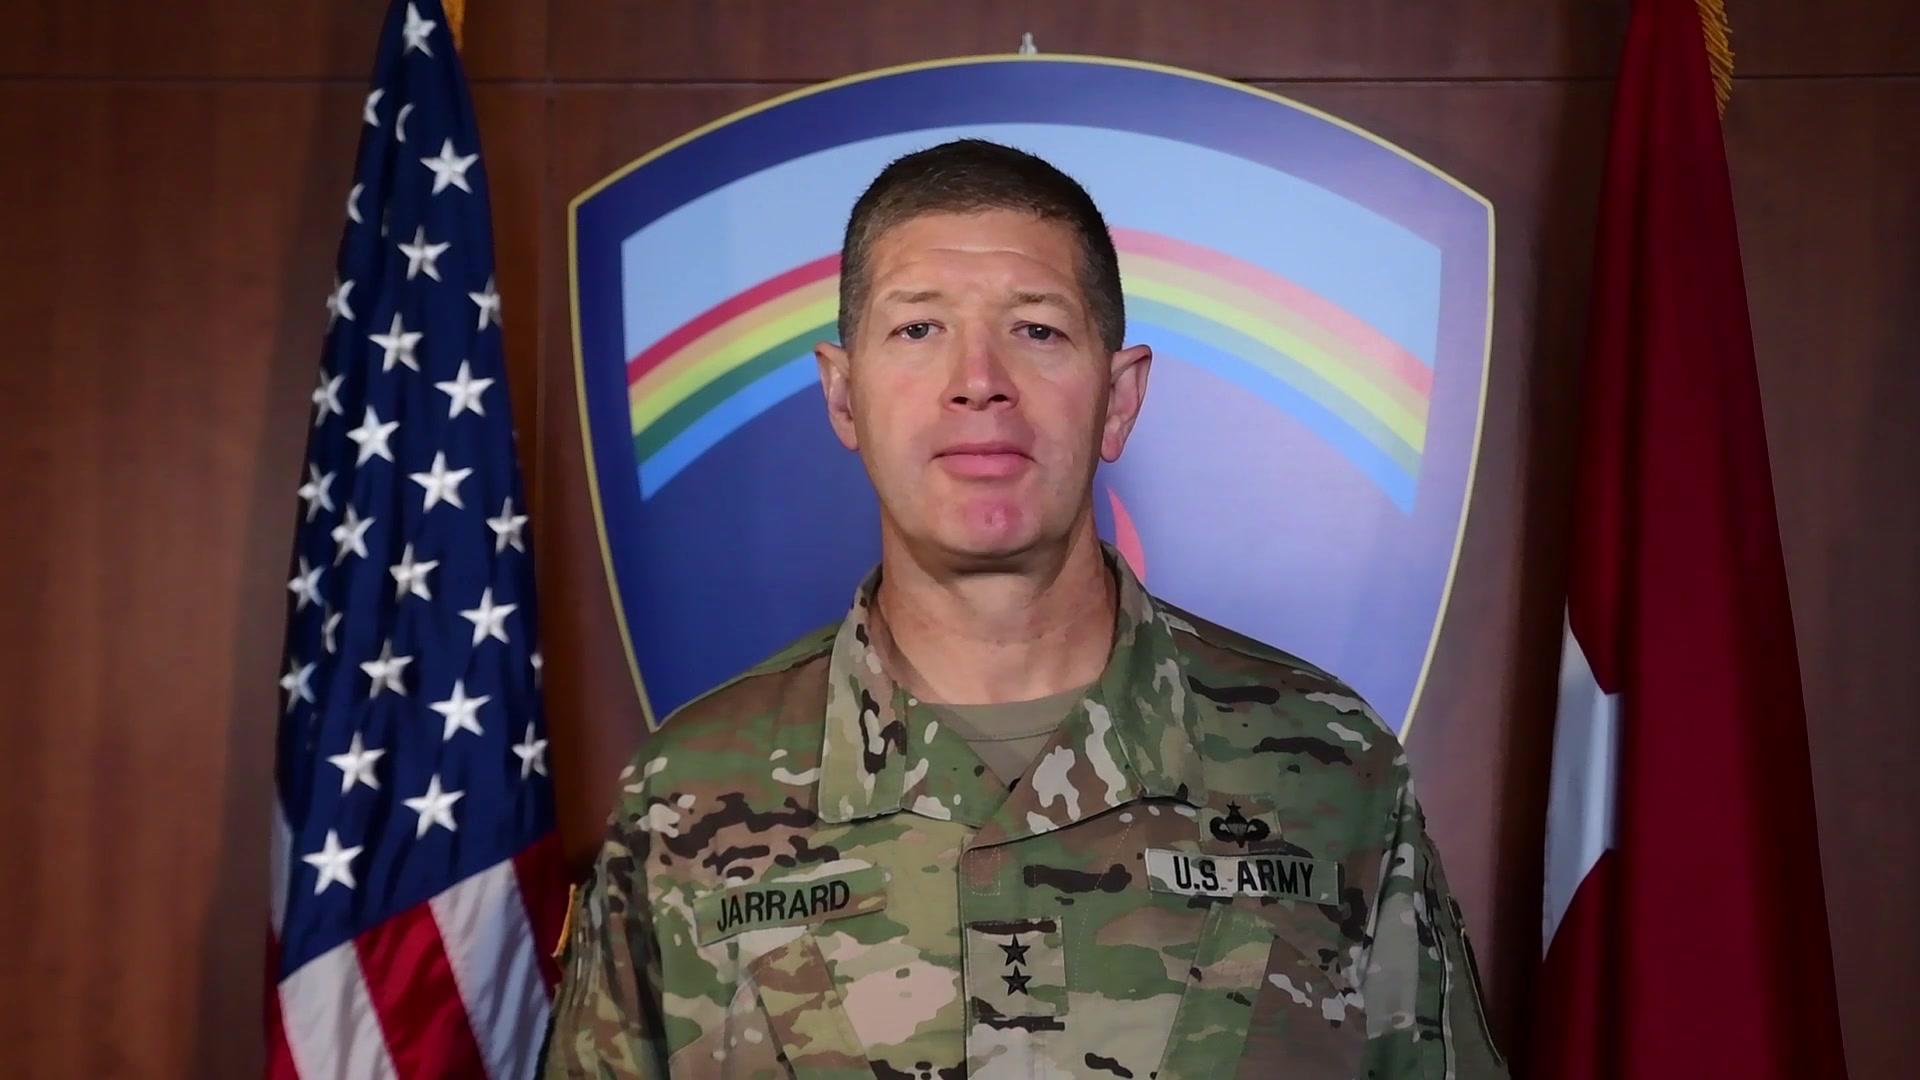 Maj. Gen. Joe Jarrard, U.S. Army Europe Deputy Commanding General for Army National Guard.